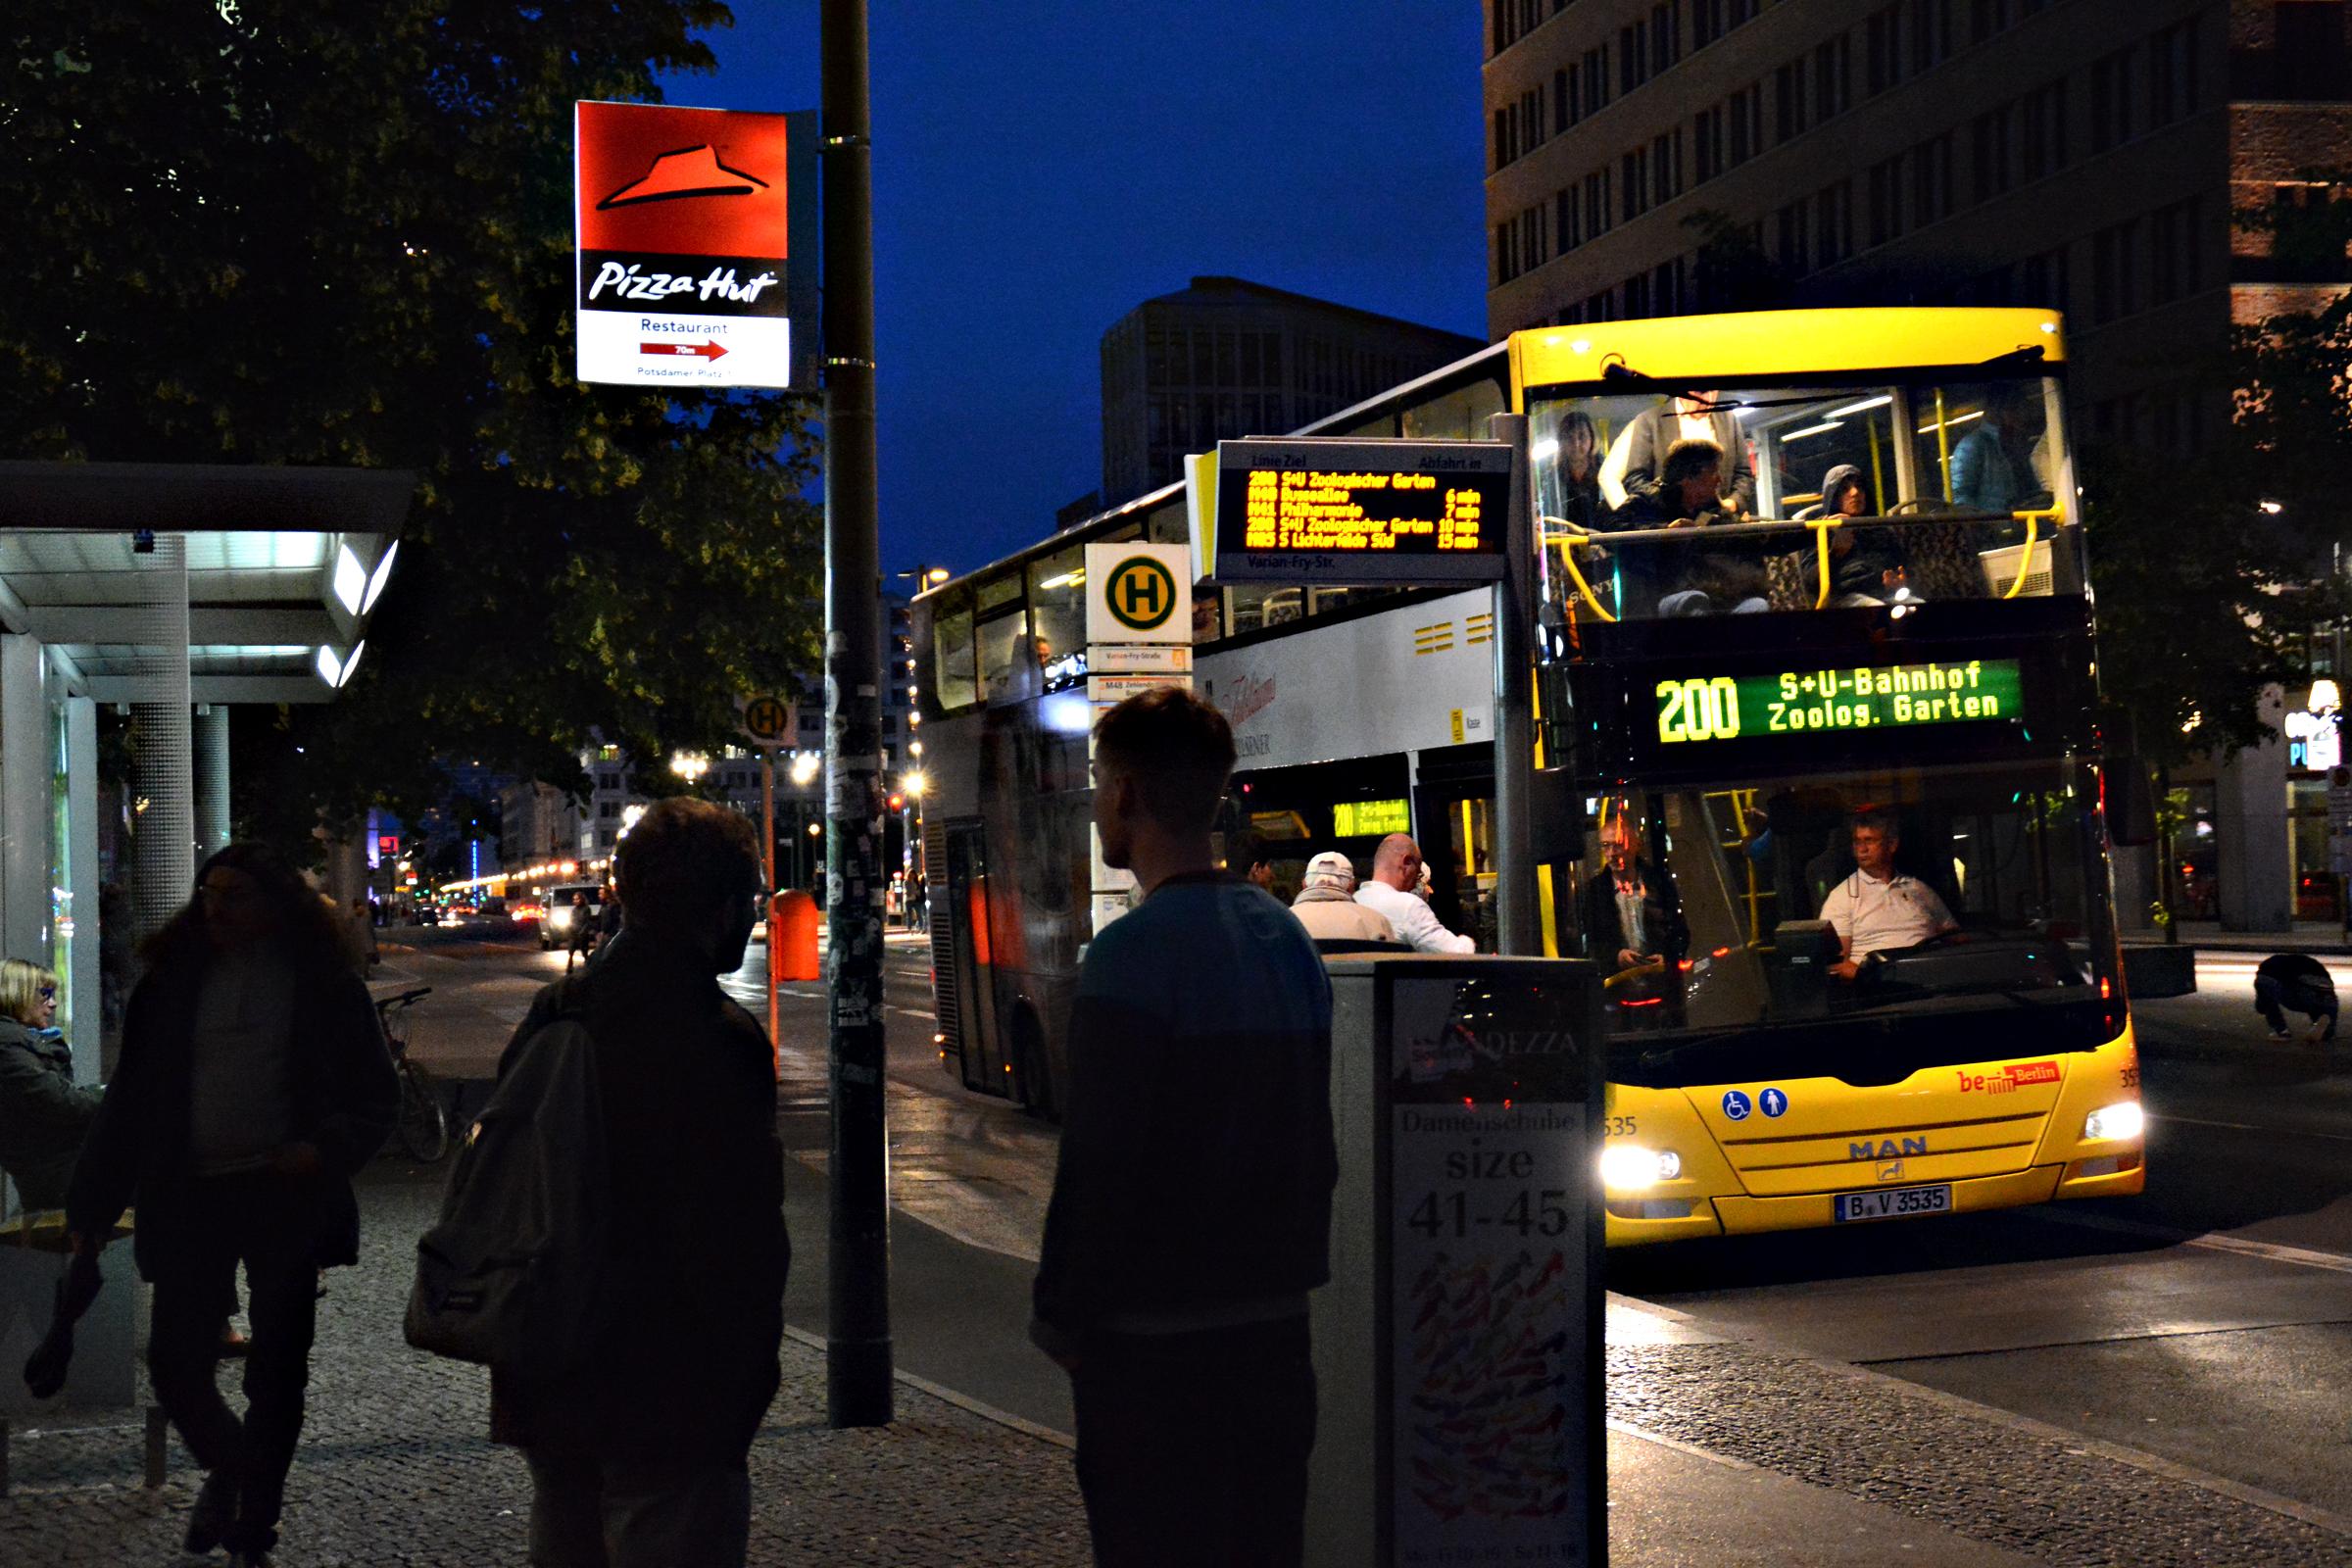 Bus A200, neben dem Bus 100 eine touristisch interessante Verbindung zwischen Zoologischem Garten, Potsdamer Platz, Unter den Linden und Alexanderplatz. Foto Horb